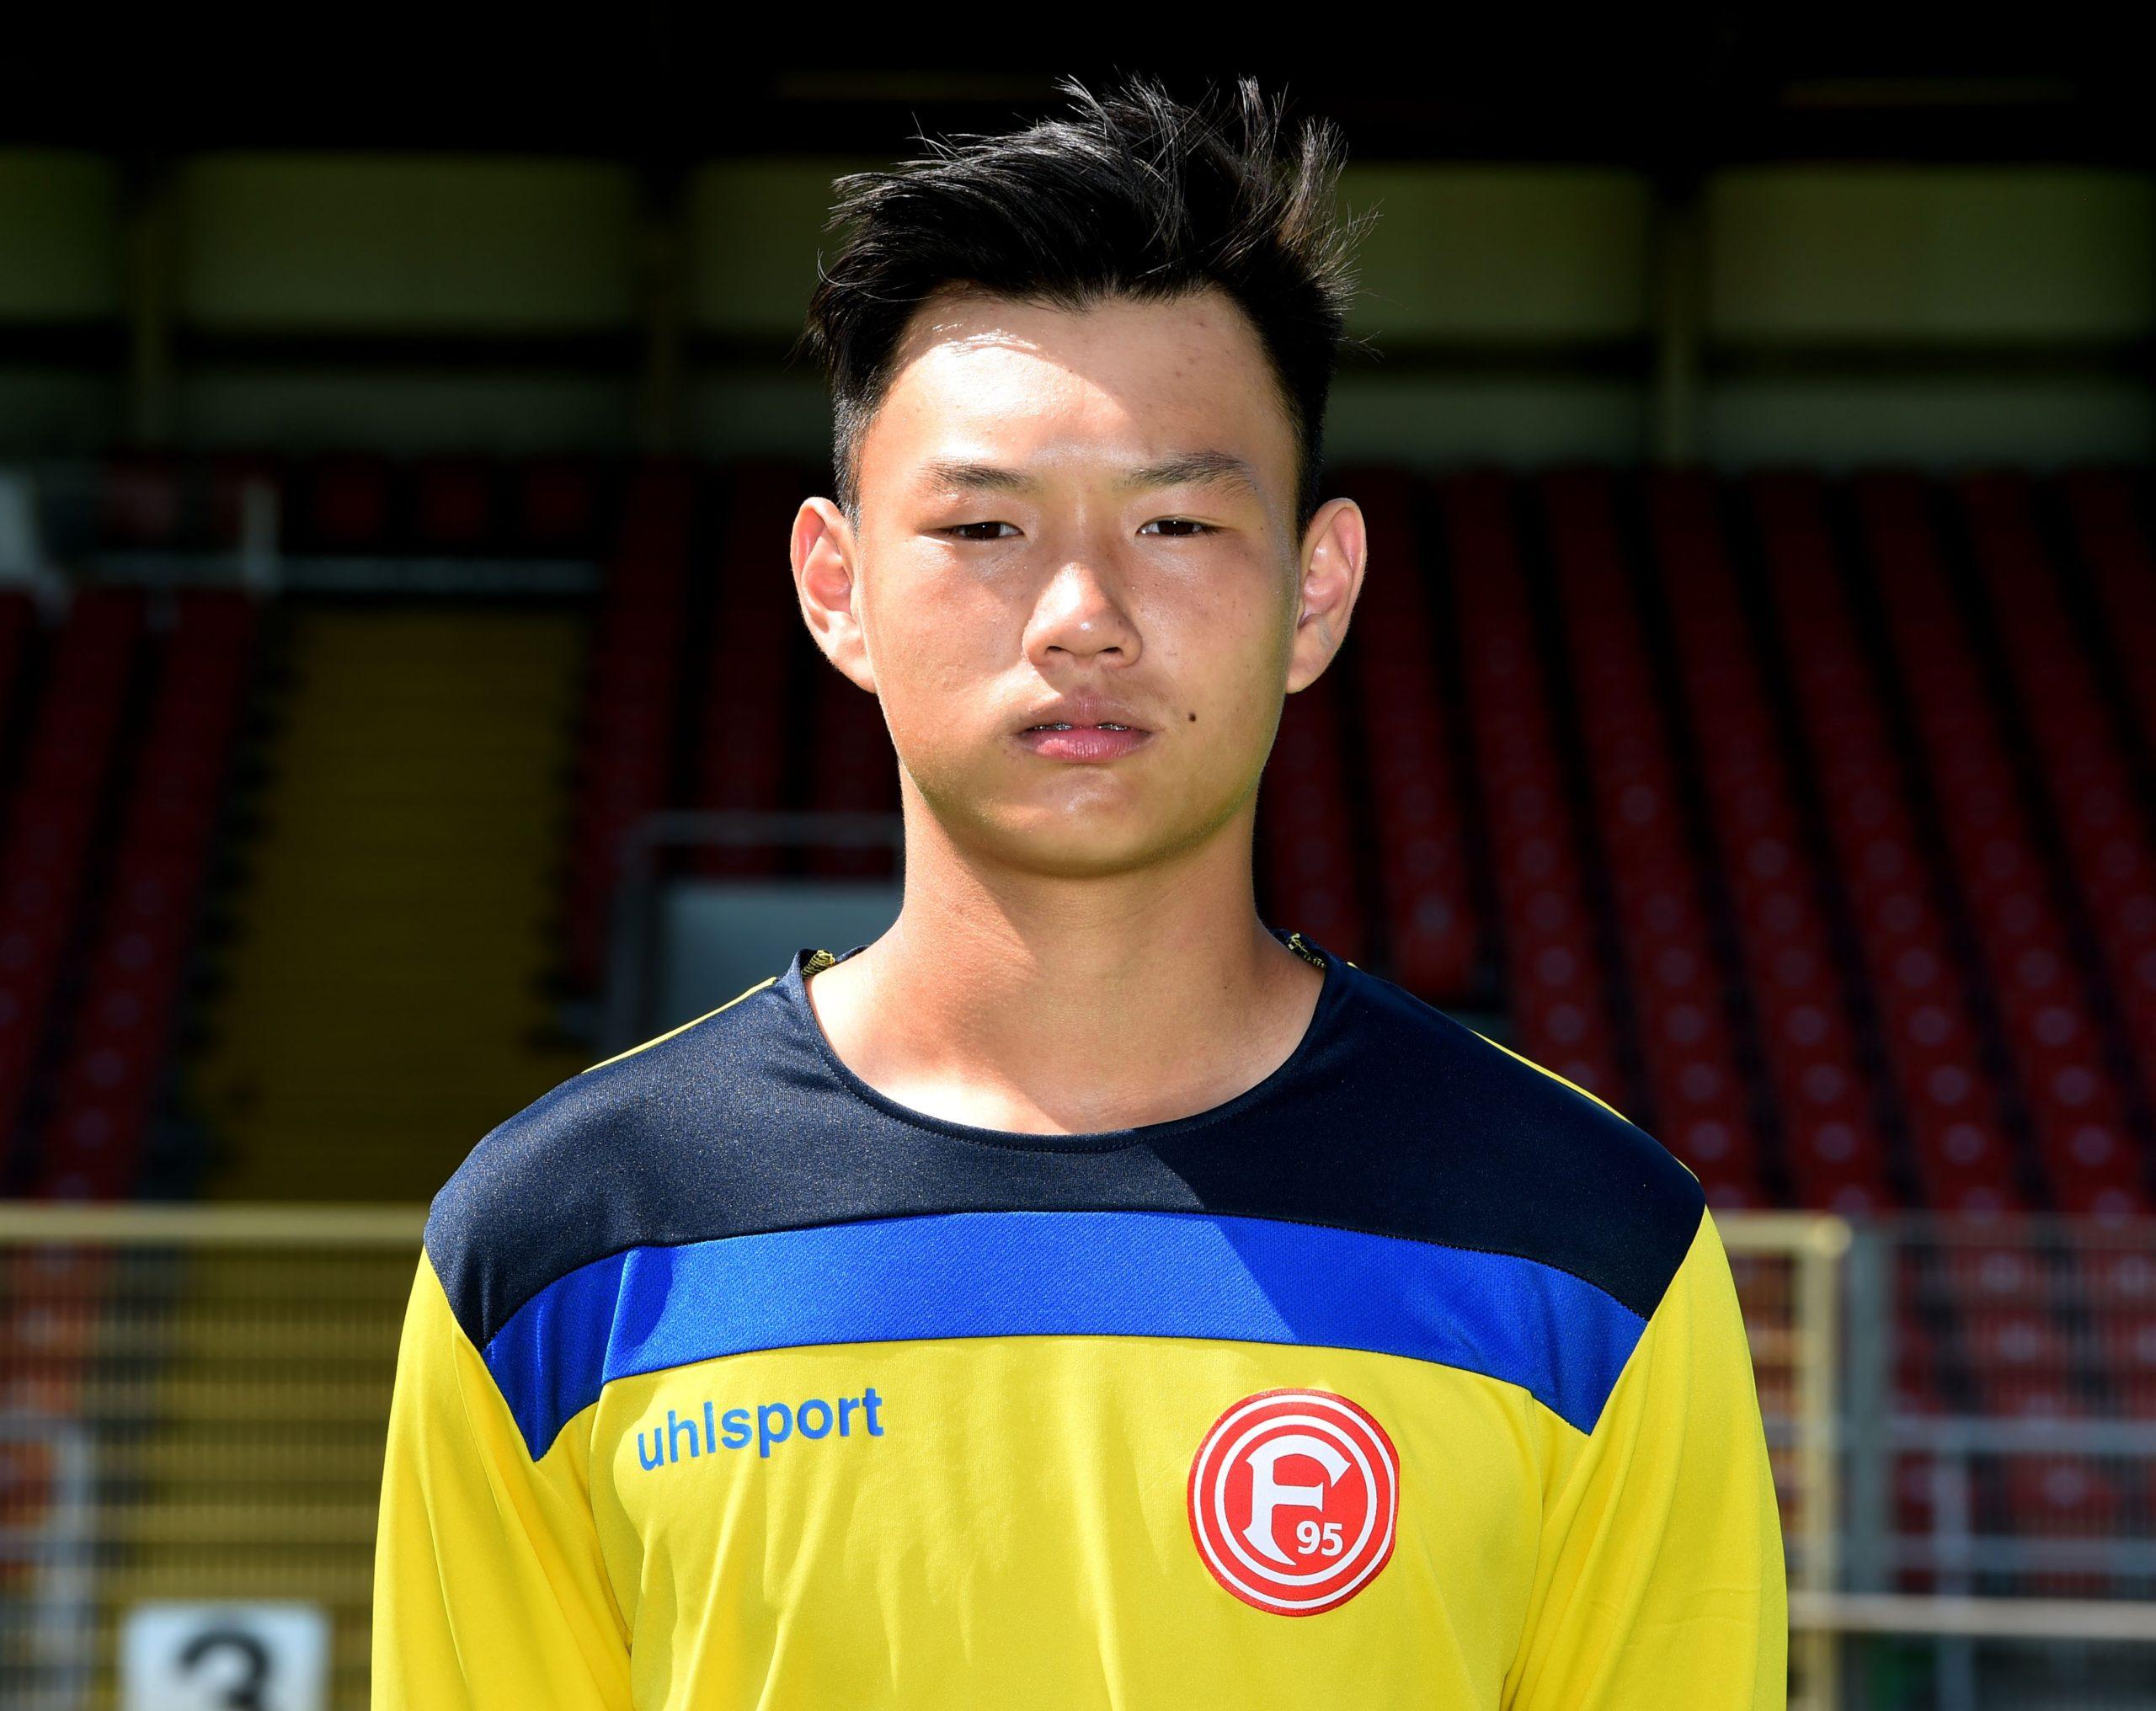 Martin Nhu Thuan Vu